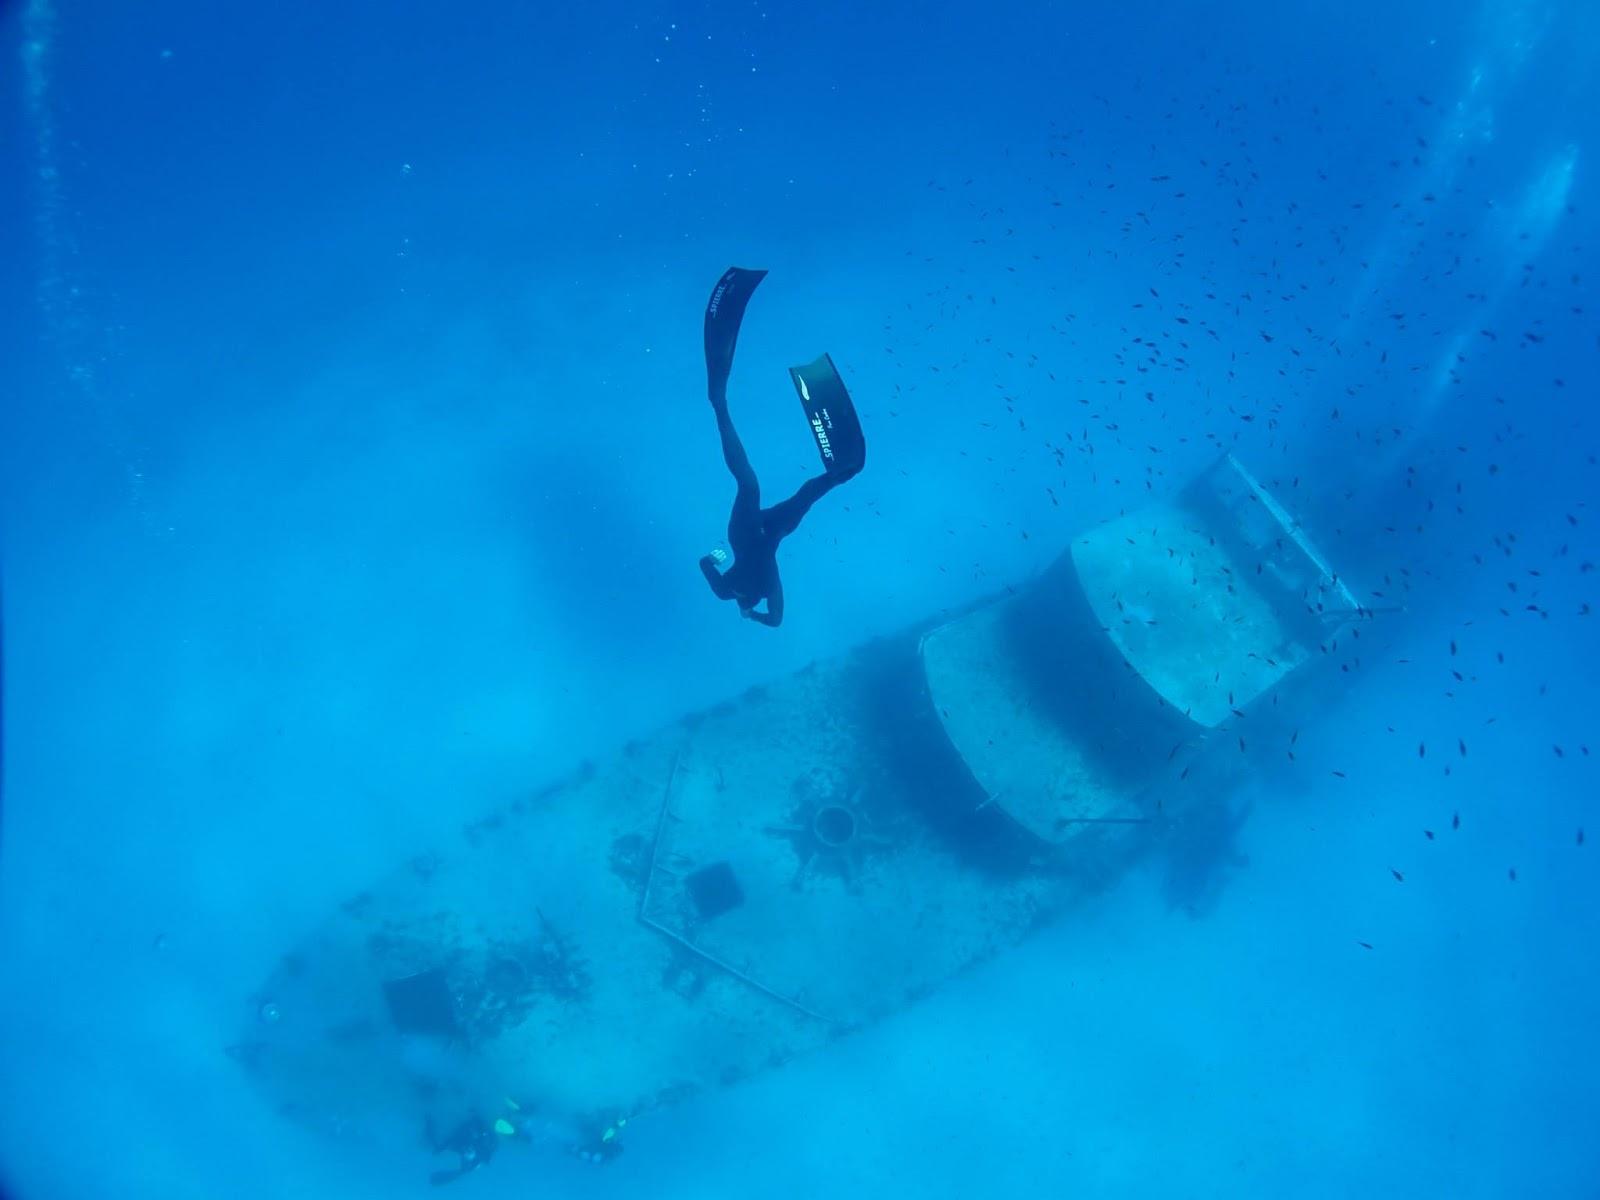 Spierre Fins Blogsite Rune Hallum Freediving in Malta 1600x1200